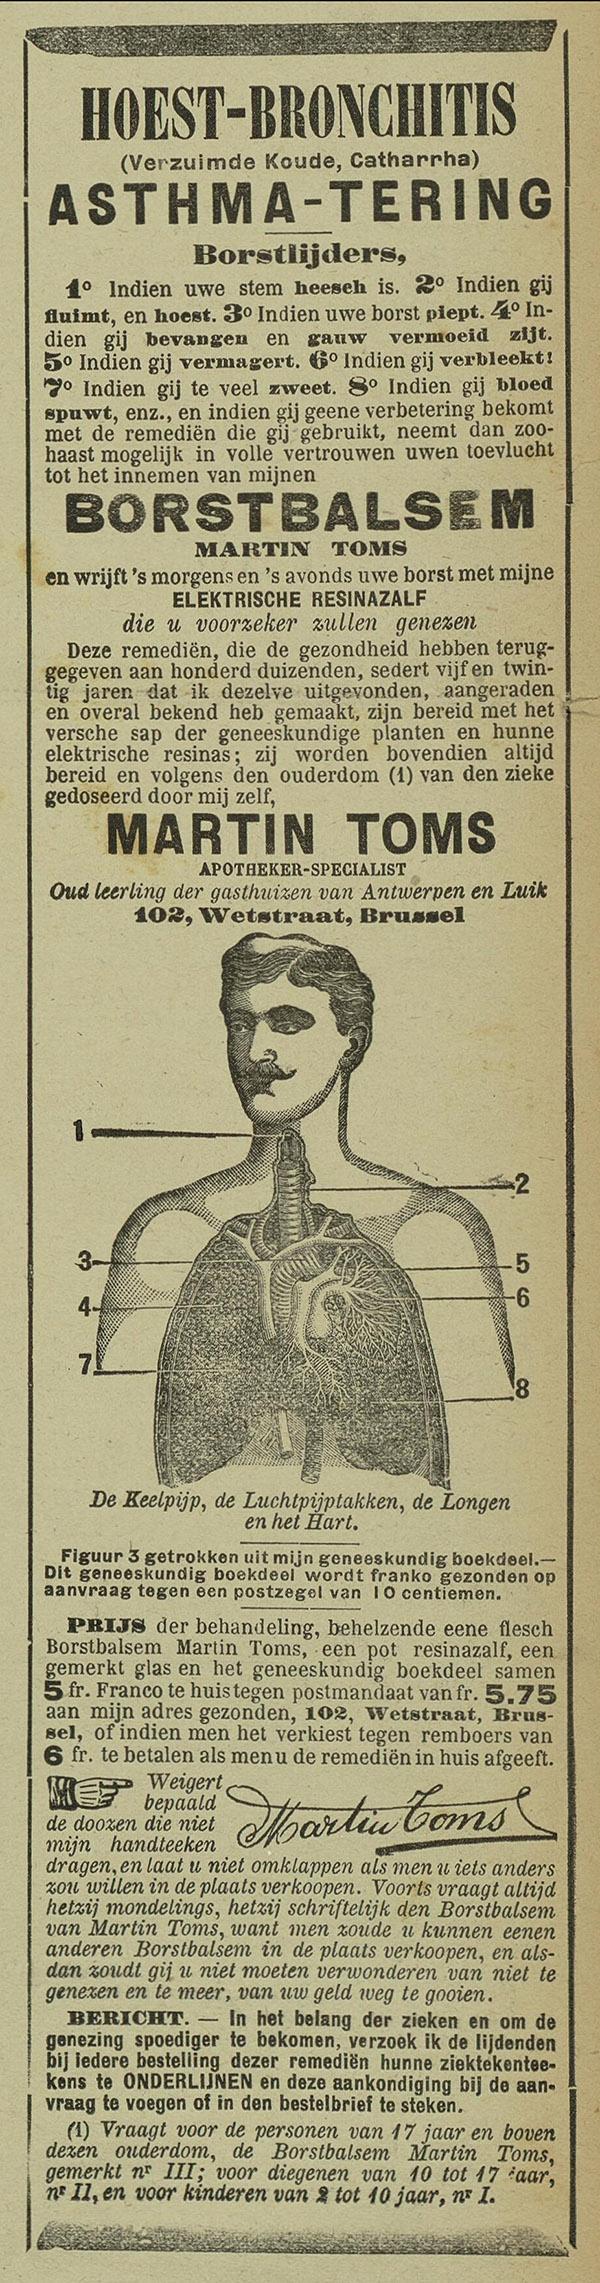 Het weekblad van Yperen en het arrondissement, 1 april 1905 Met het verse sap van geneeskundige planten en hun elektrische resines